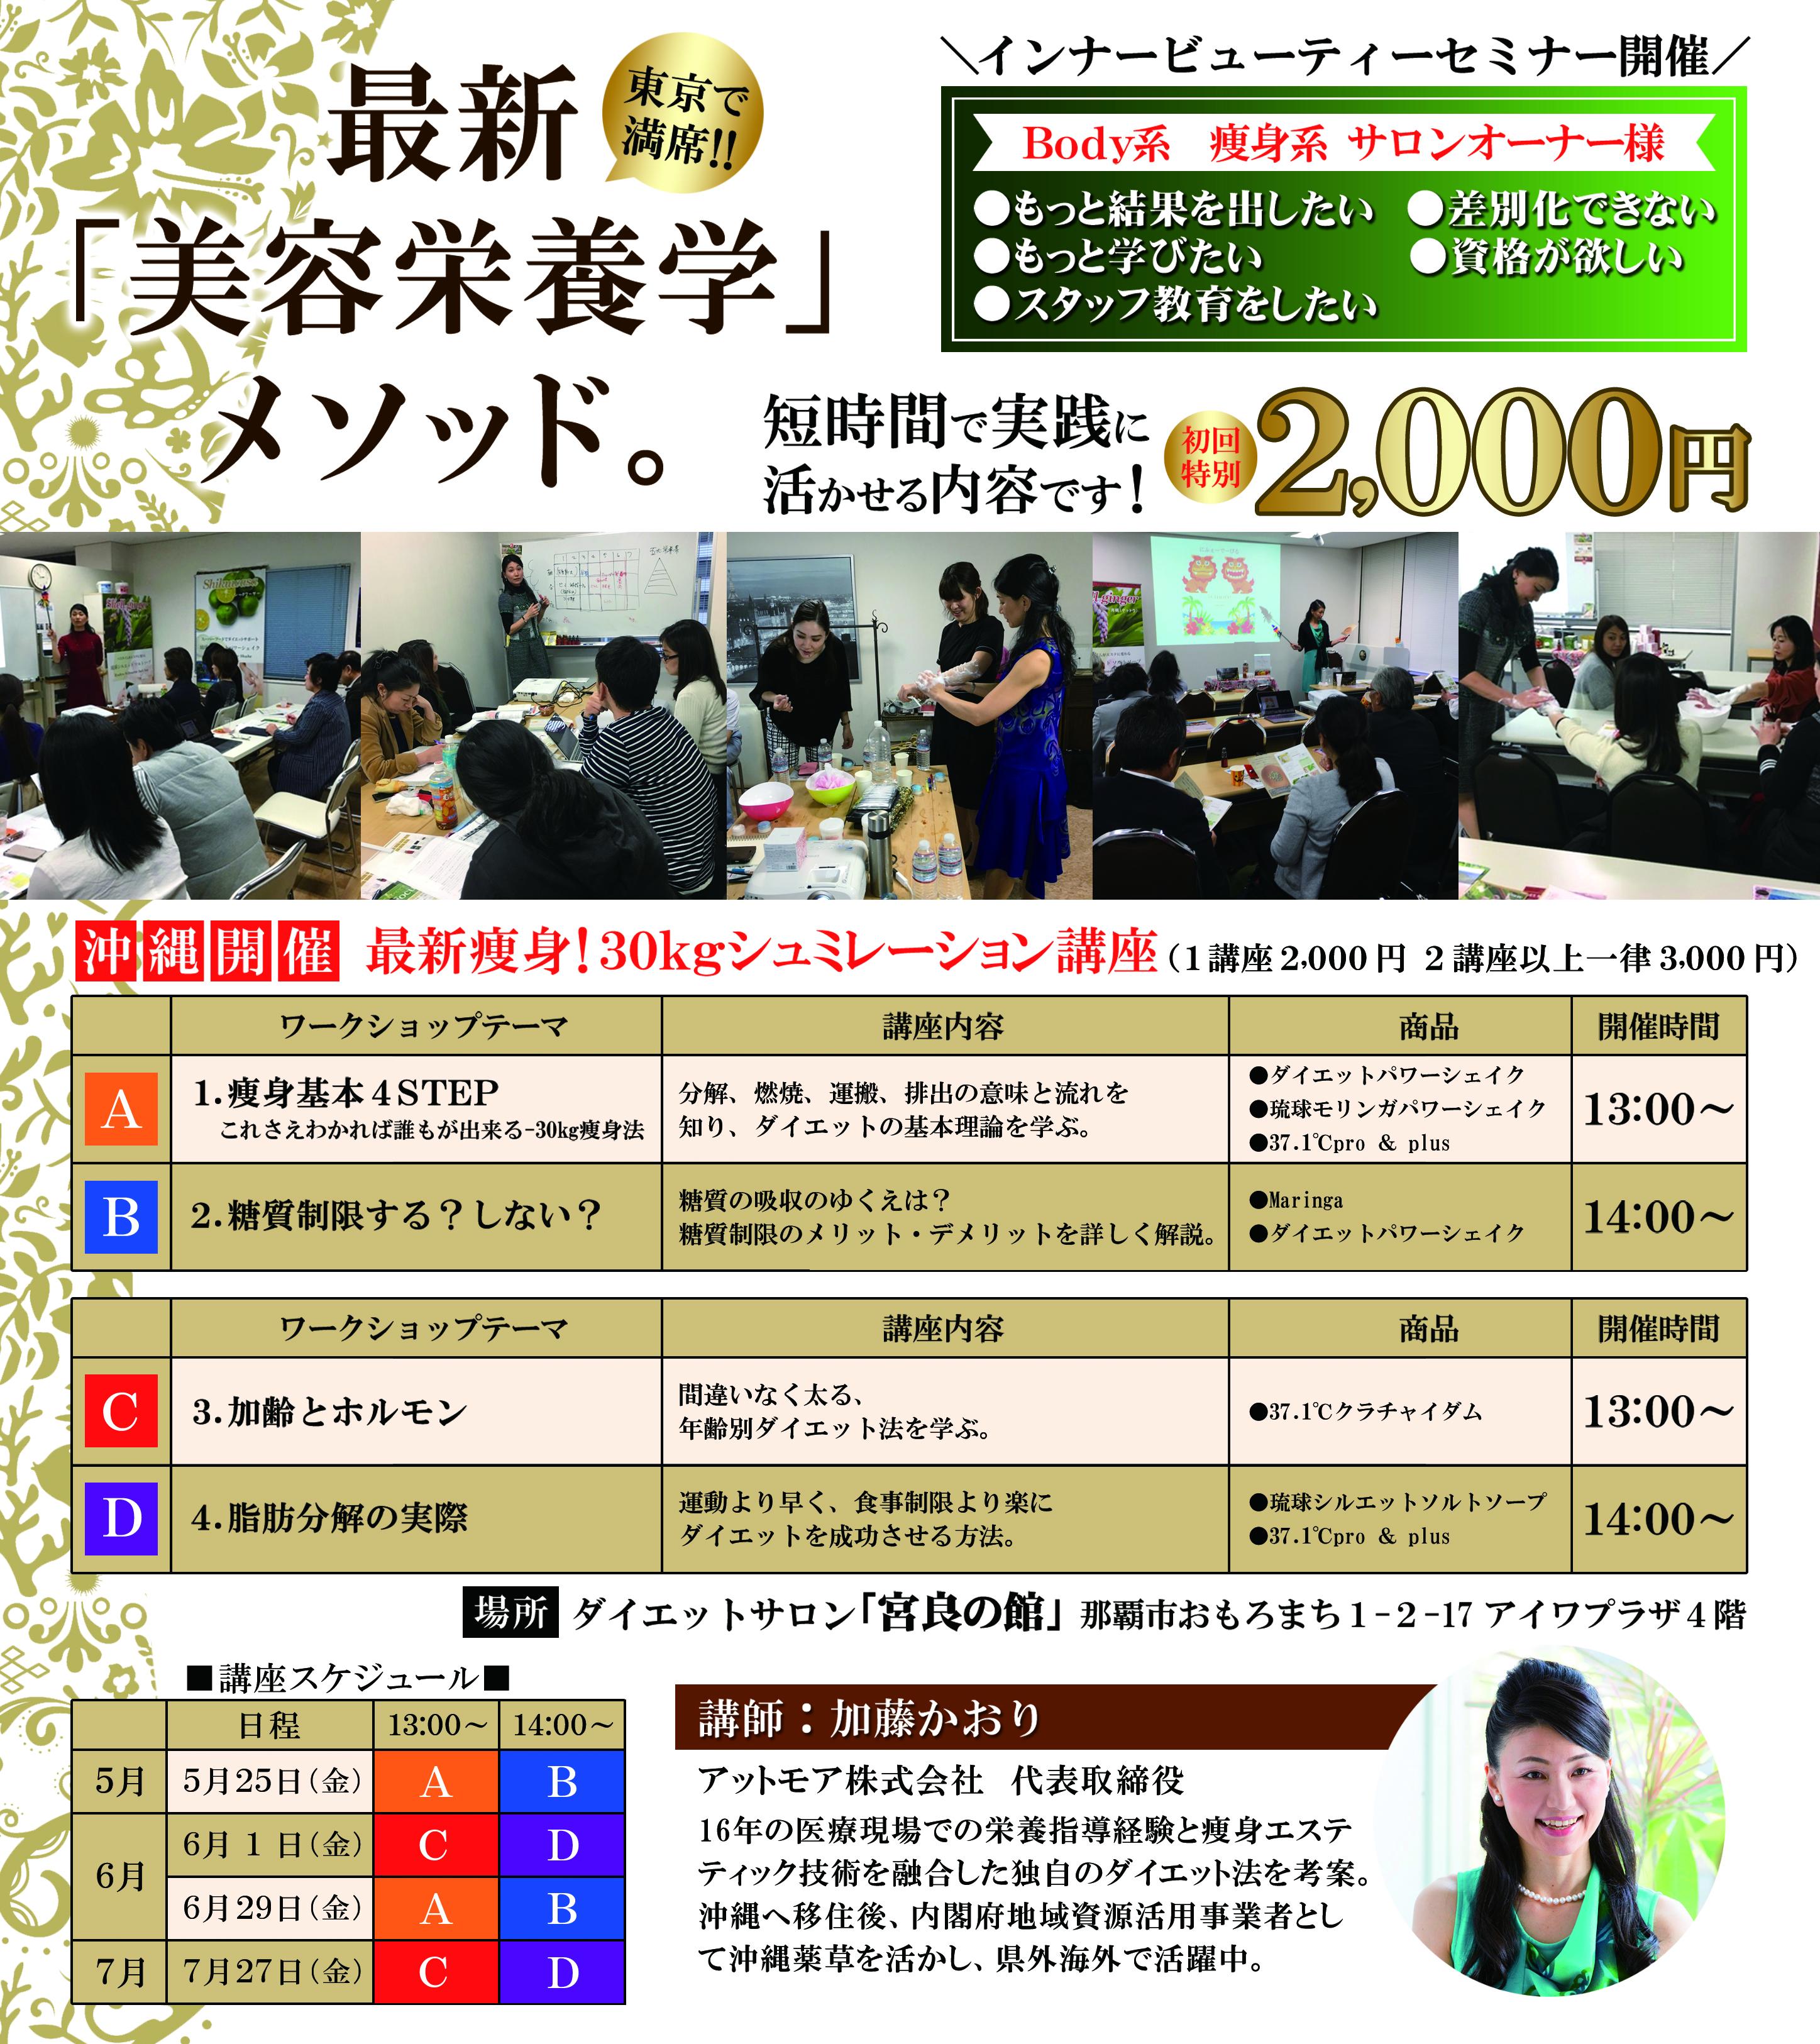 沖縄開催 最新痩身!30kgシュミレーション講座の講座スケジュール